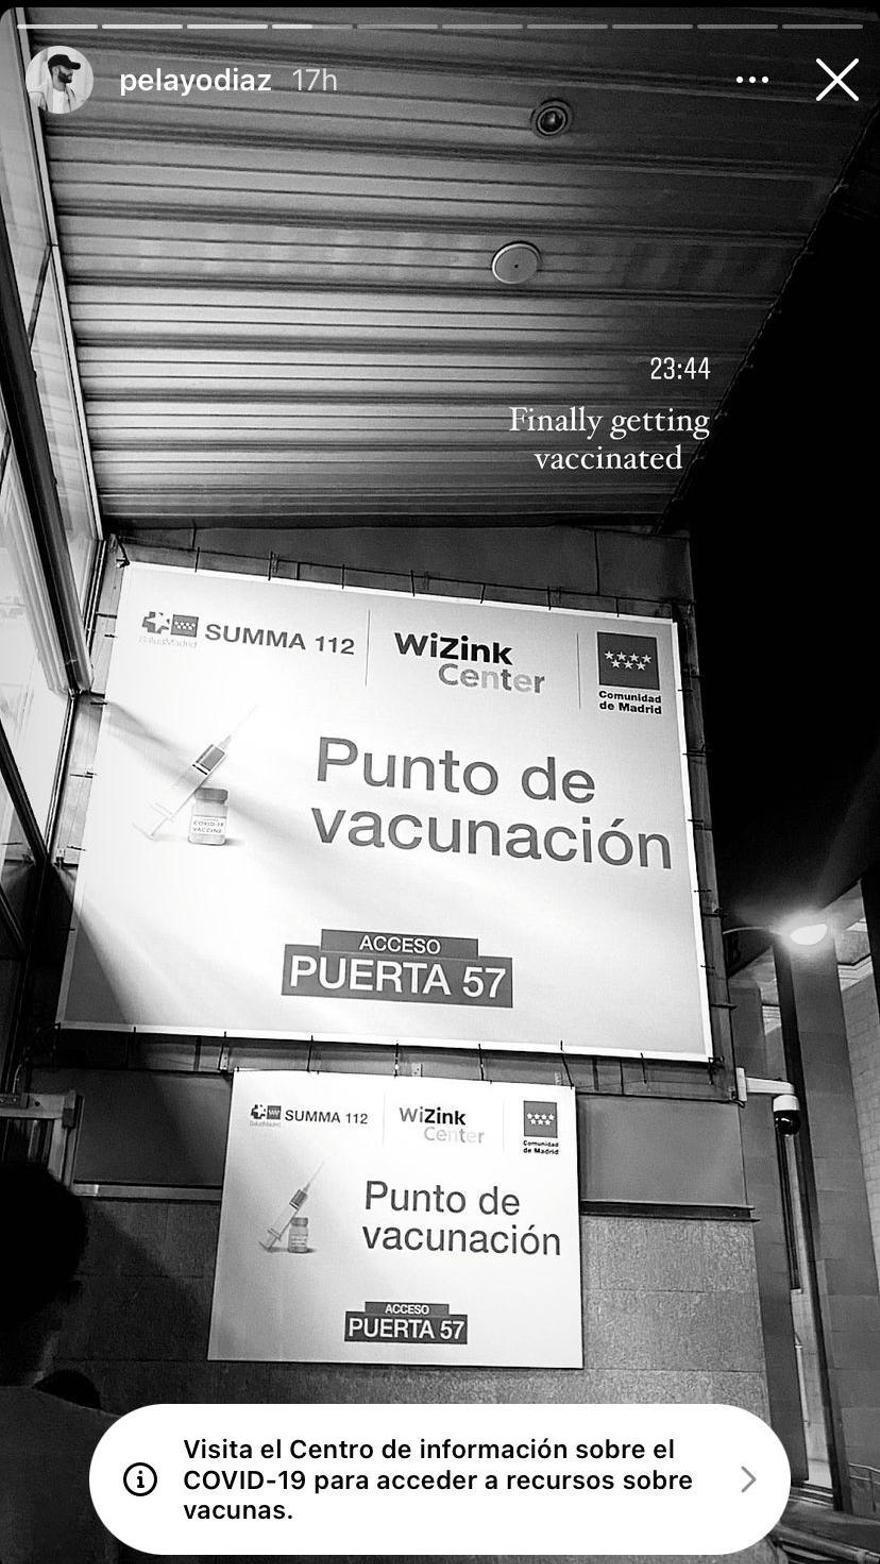 Instastory de Pelayo Díaz en el Wizink center